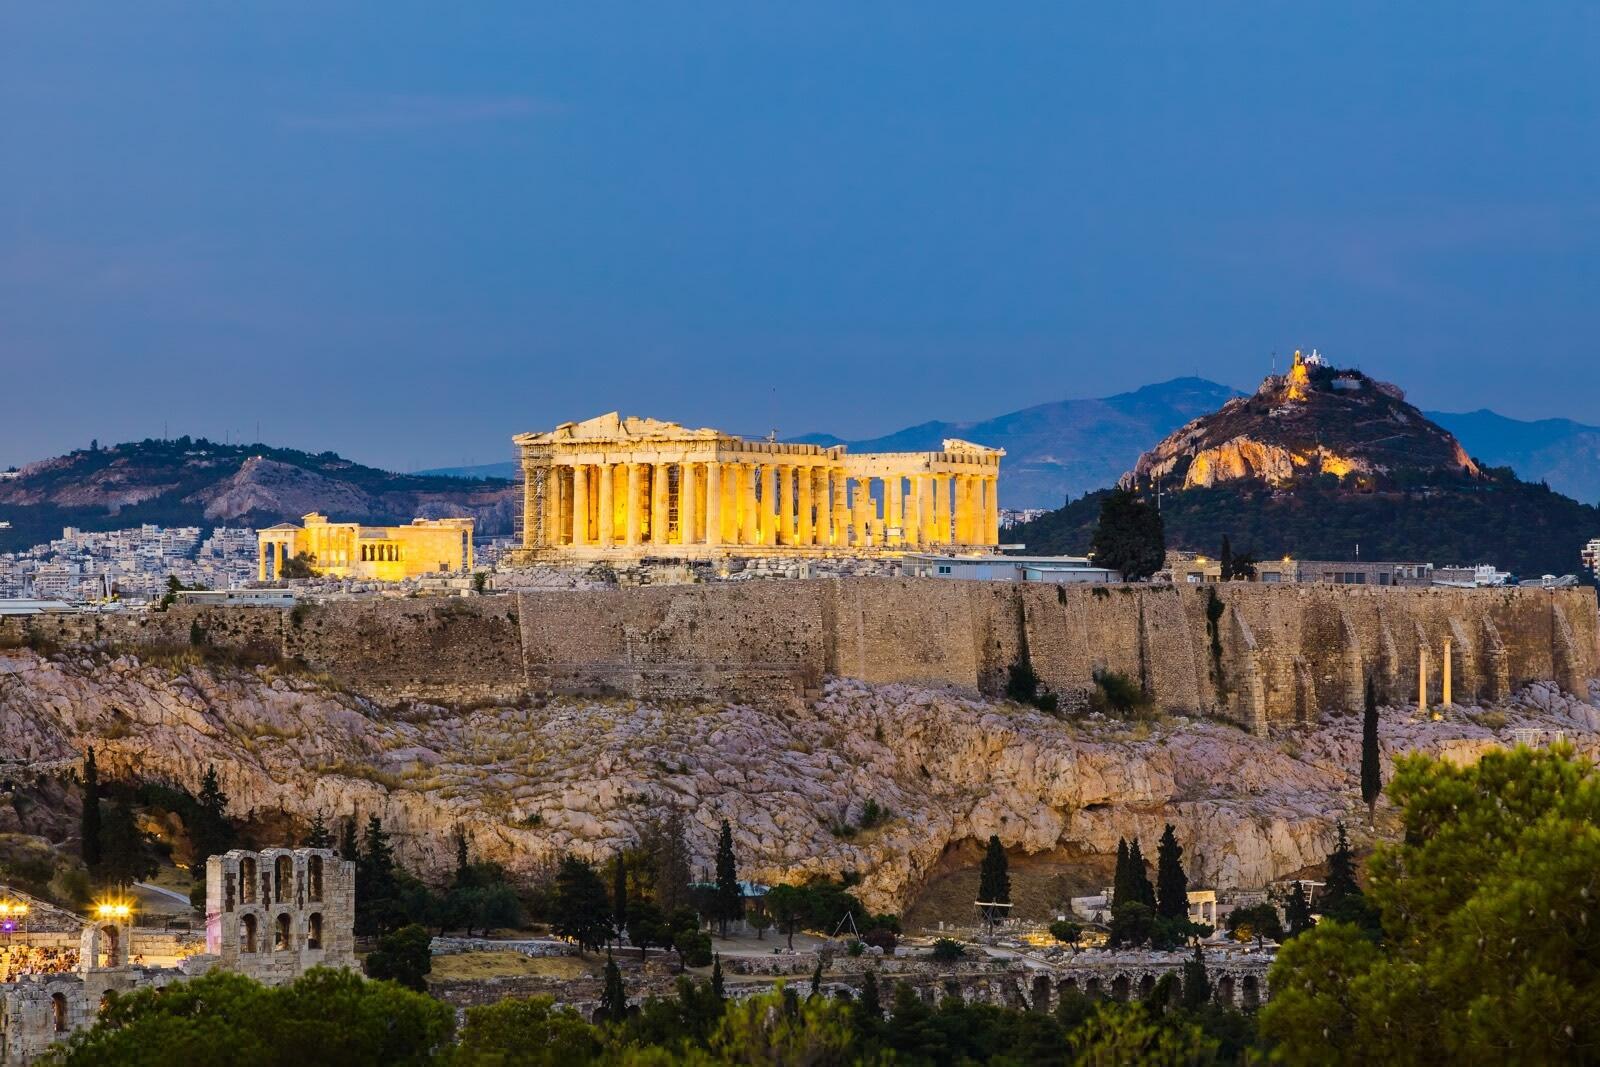 Acropolis Athens View